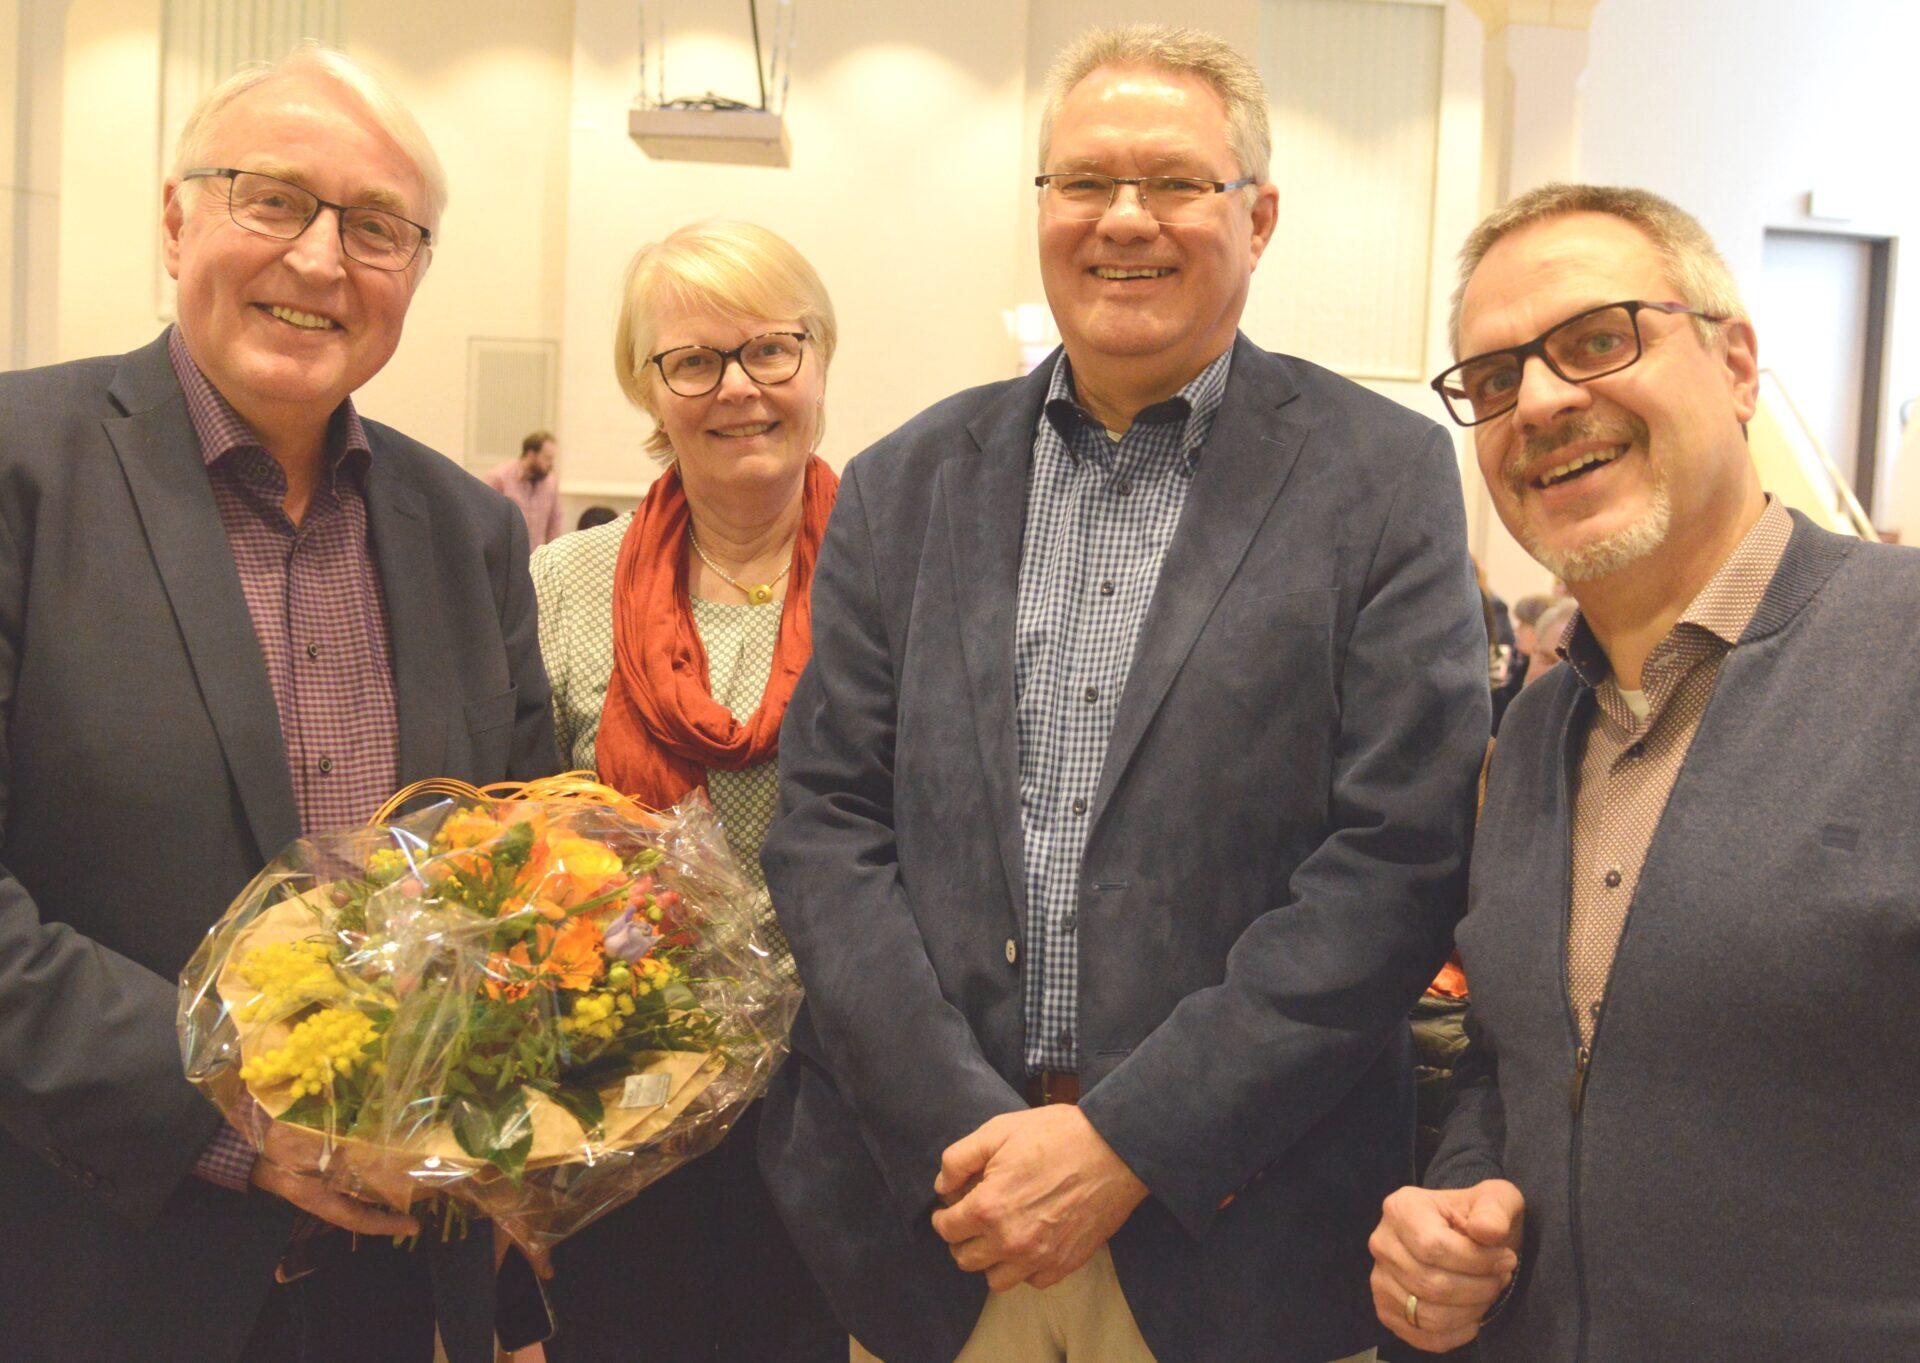 Opa ante portas: Langner in den Ruhestand verabschiedet